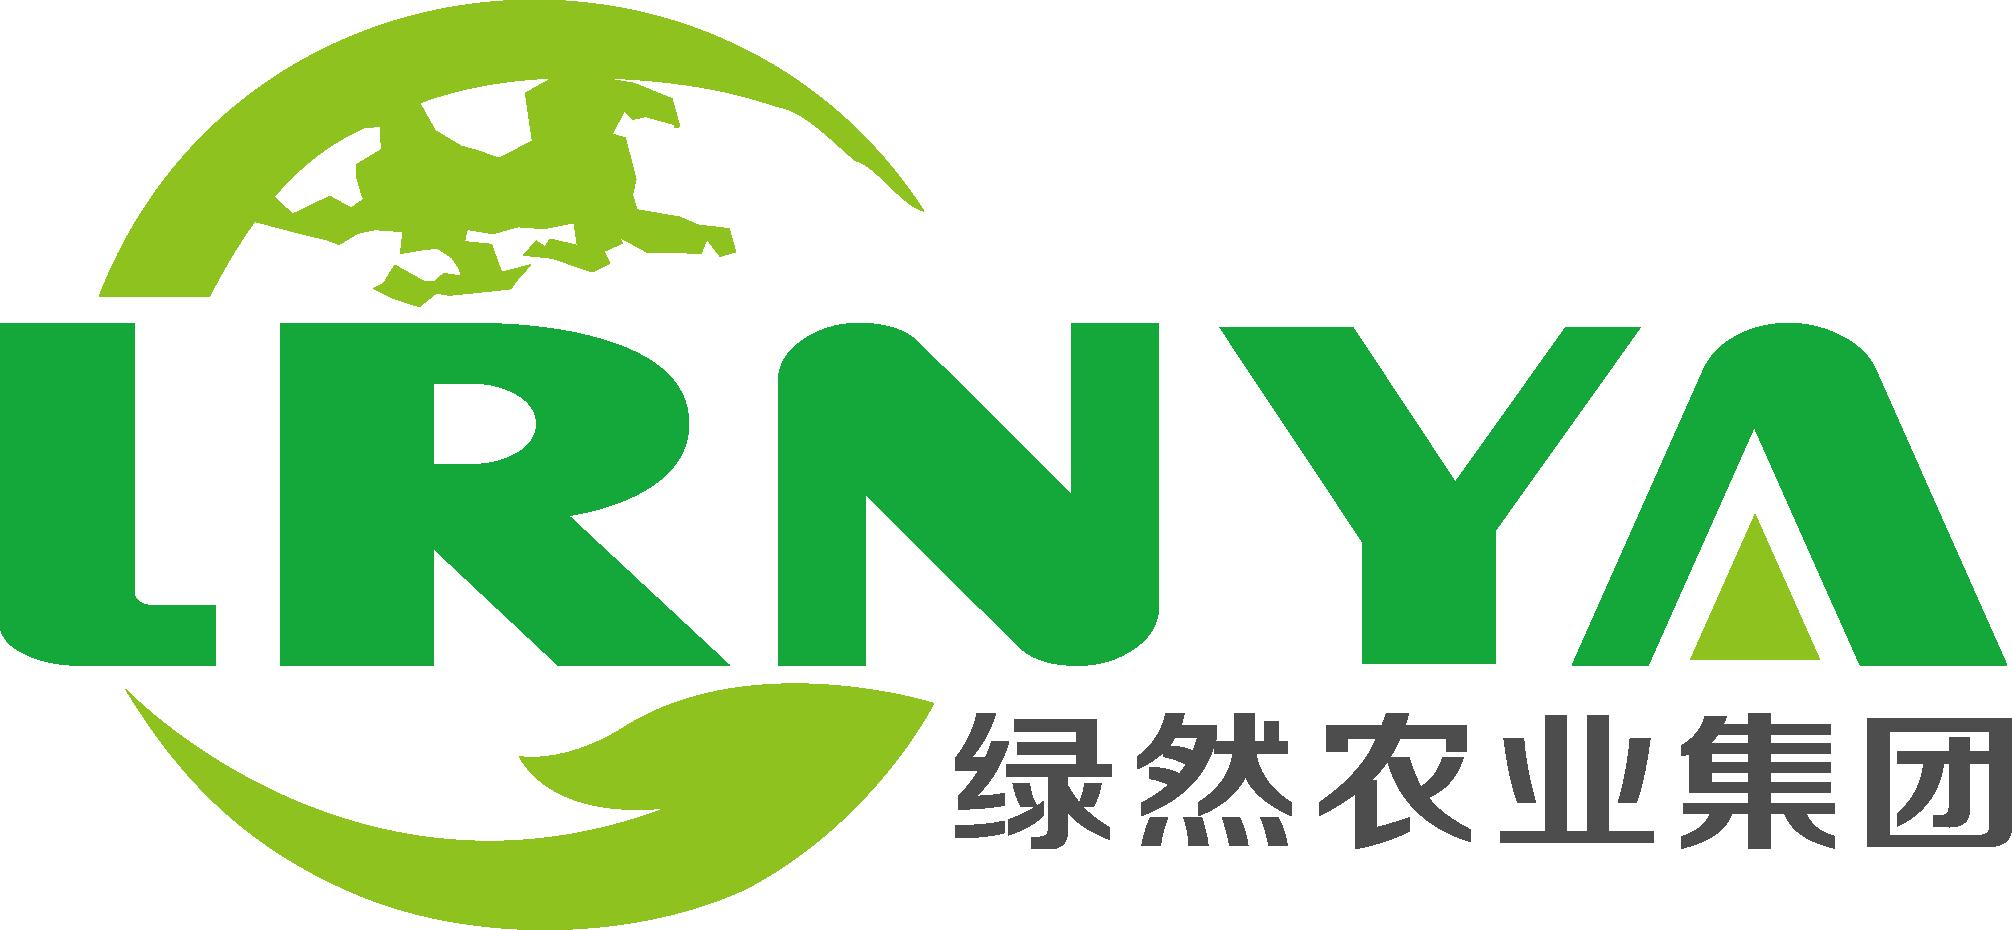 深圳市绿然农业集团有限公司